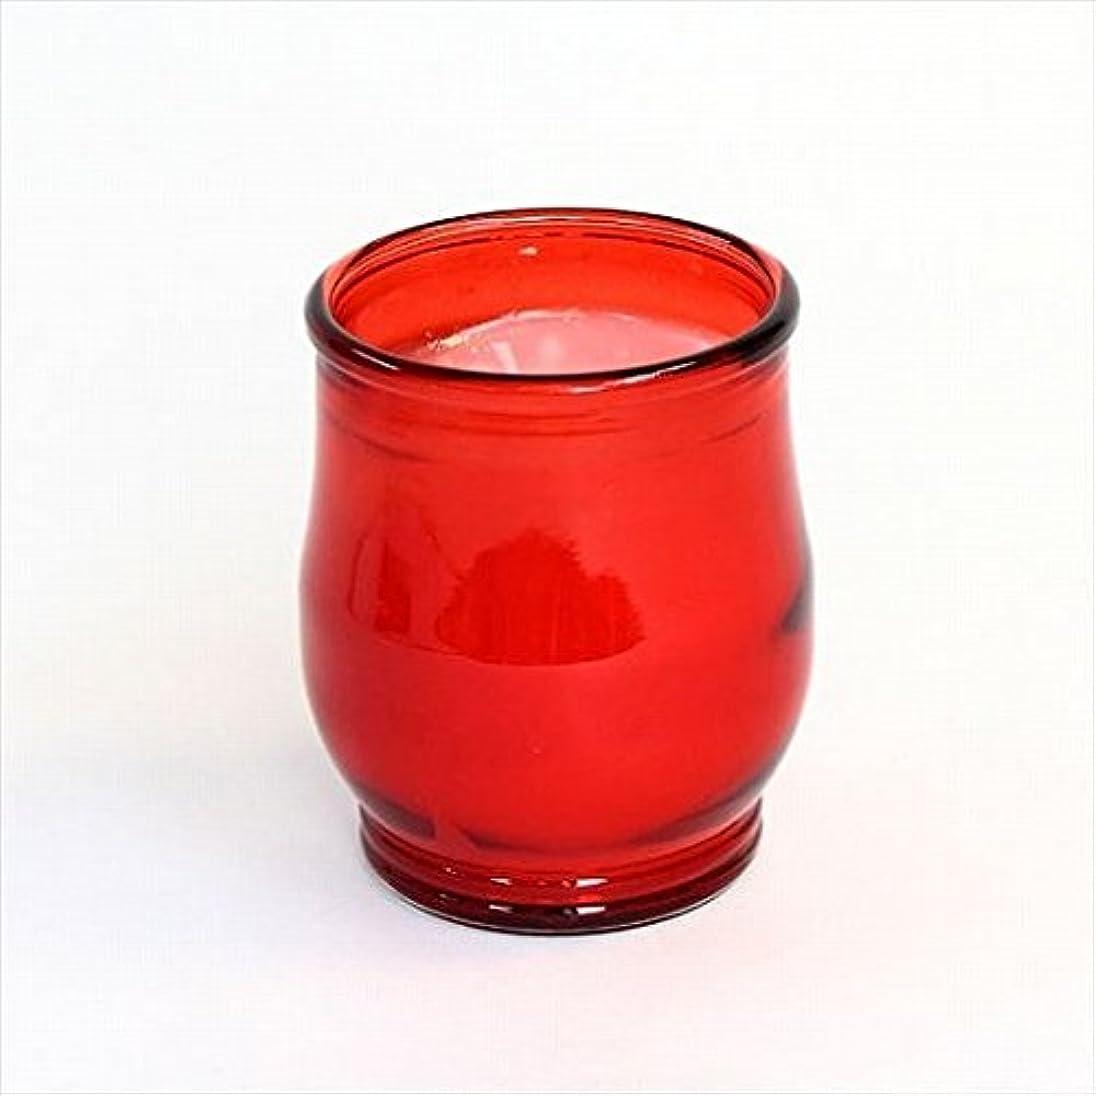 キャンバス下線守るkameyama candle(カメヤマキャンドル) ポシェ(非常用コップローソク) 「 レッド 」 キャンドル 68x68x80mm (73020000R)